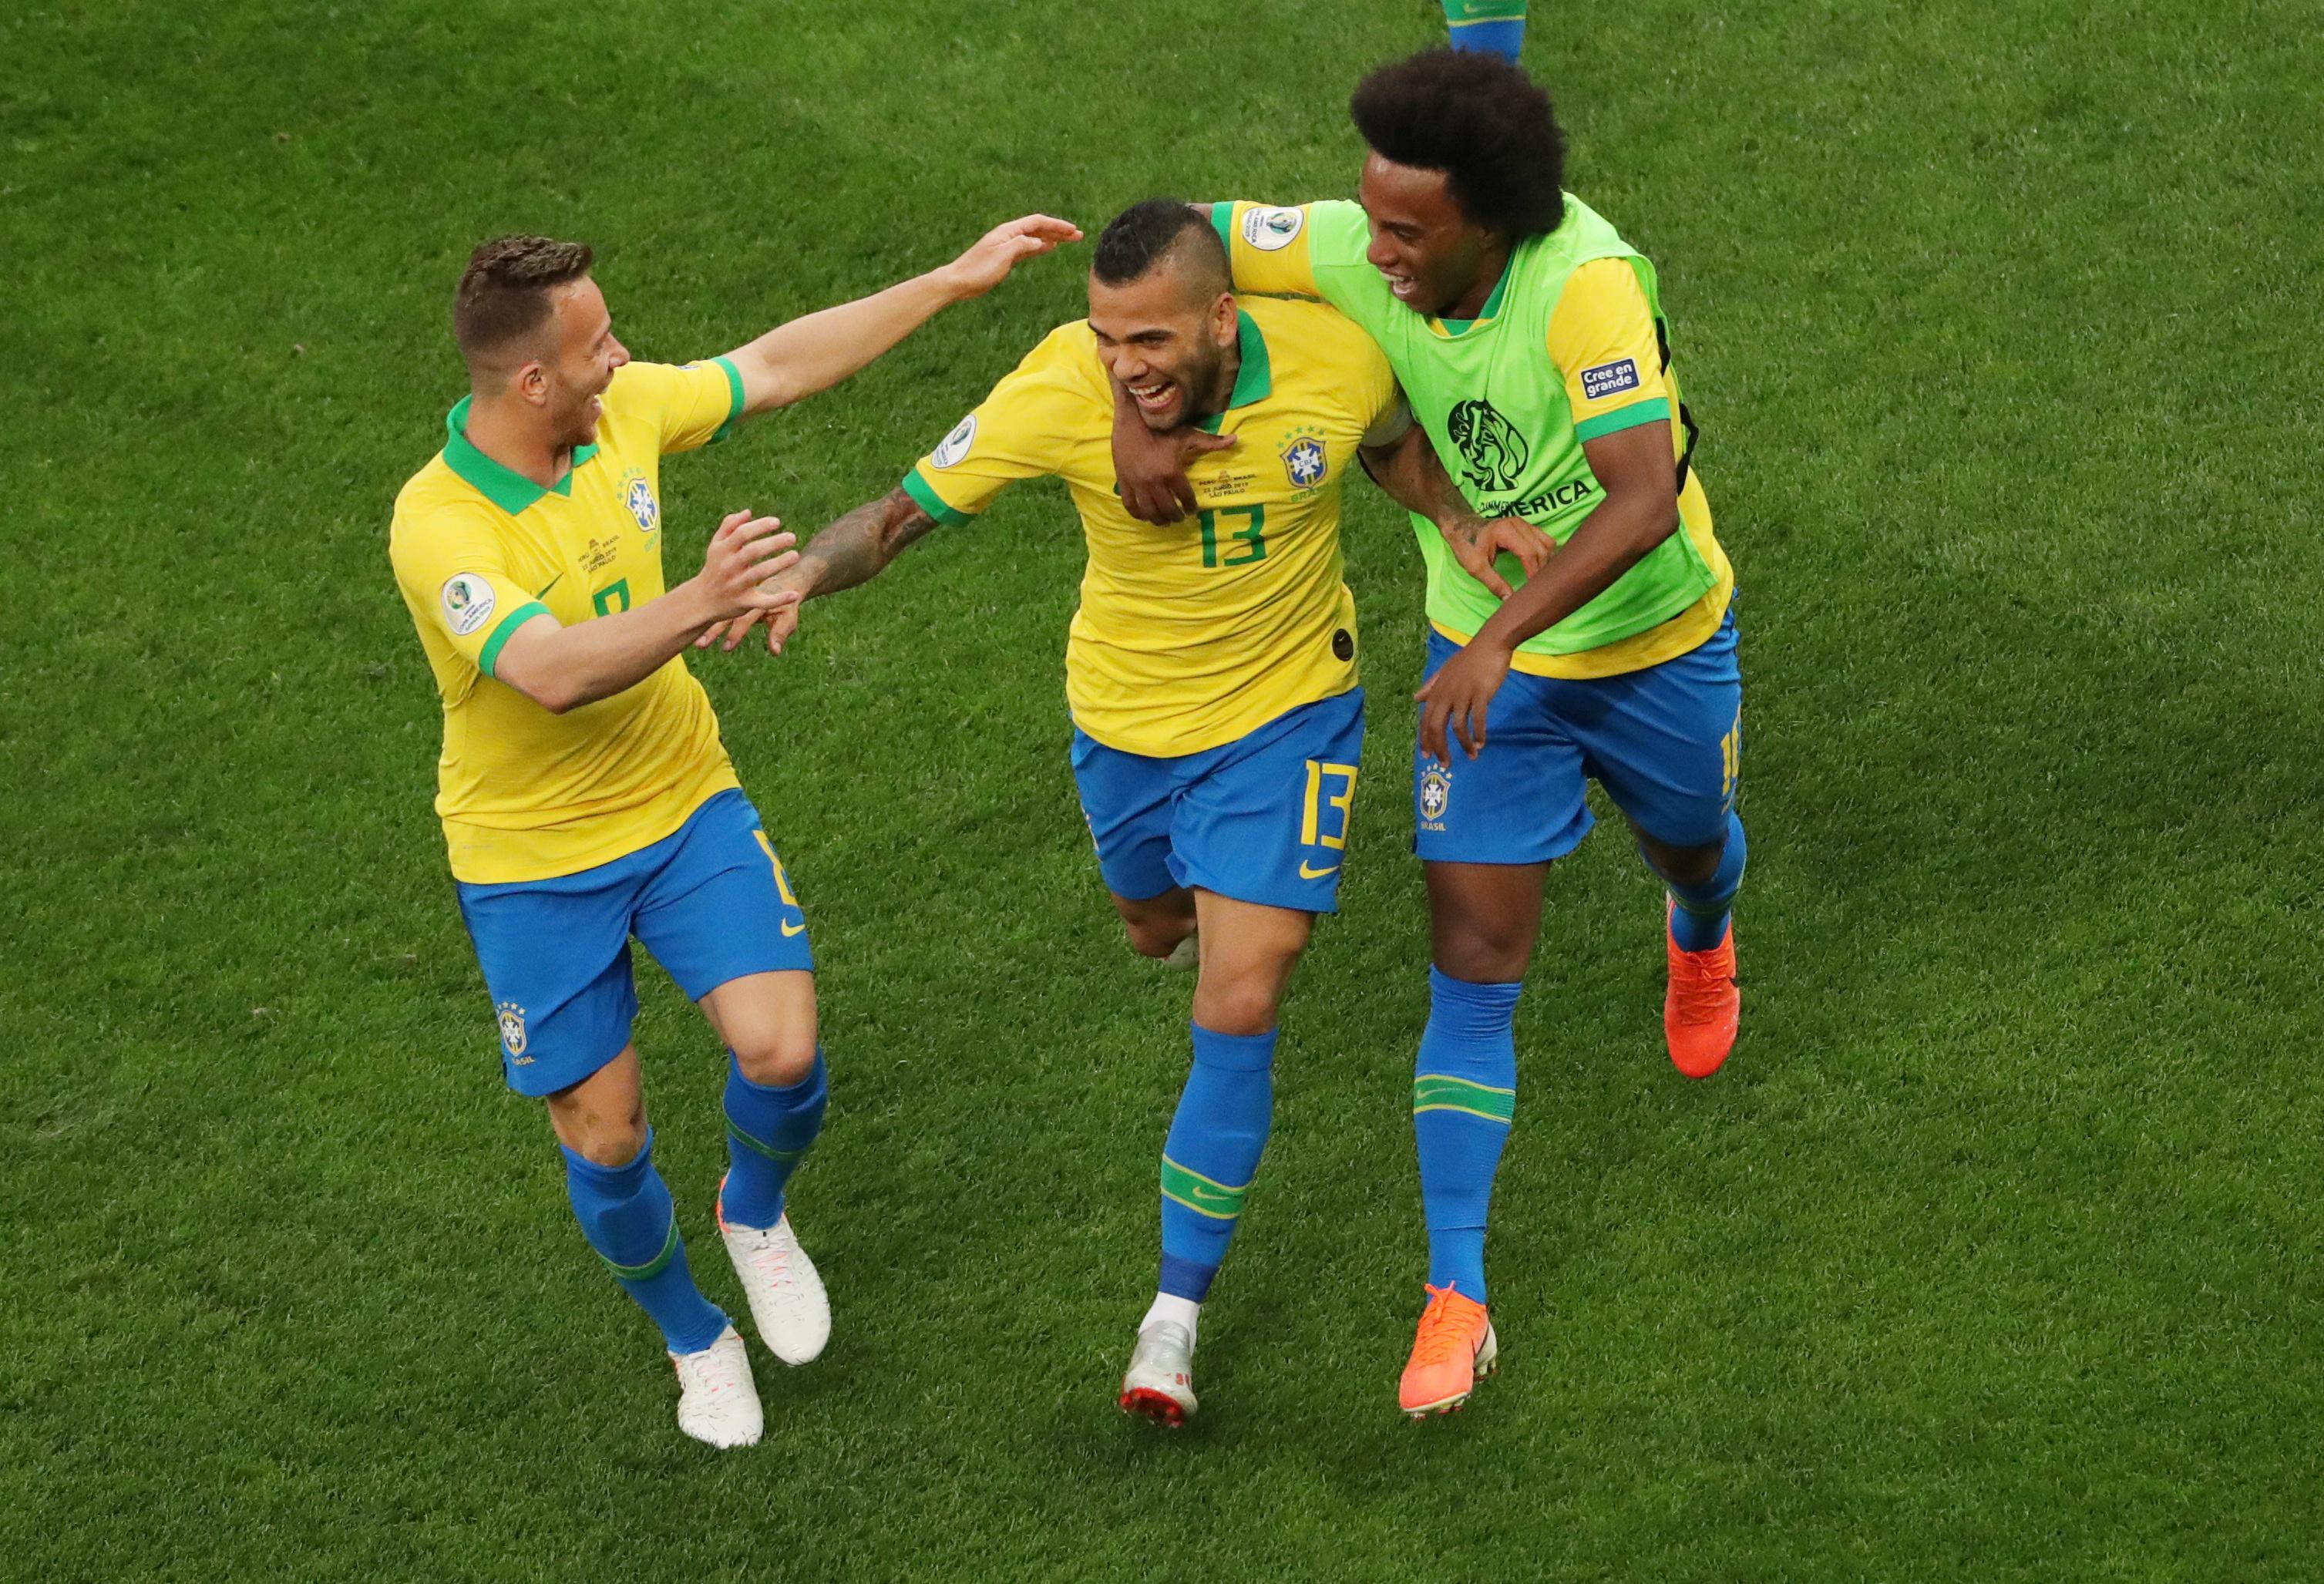 البرازيل تثأر من بيرو بخماسية وتتأهل لدور الثمانية في كوبا أميركا